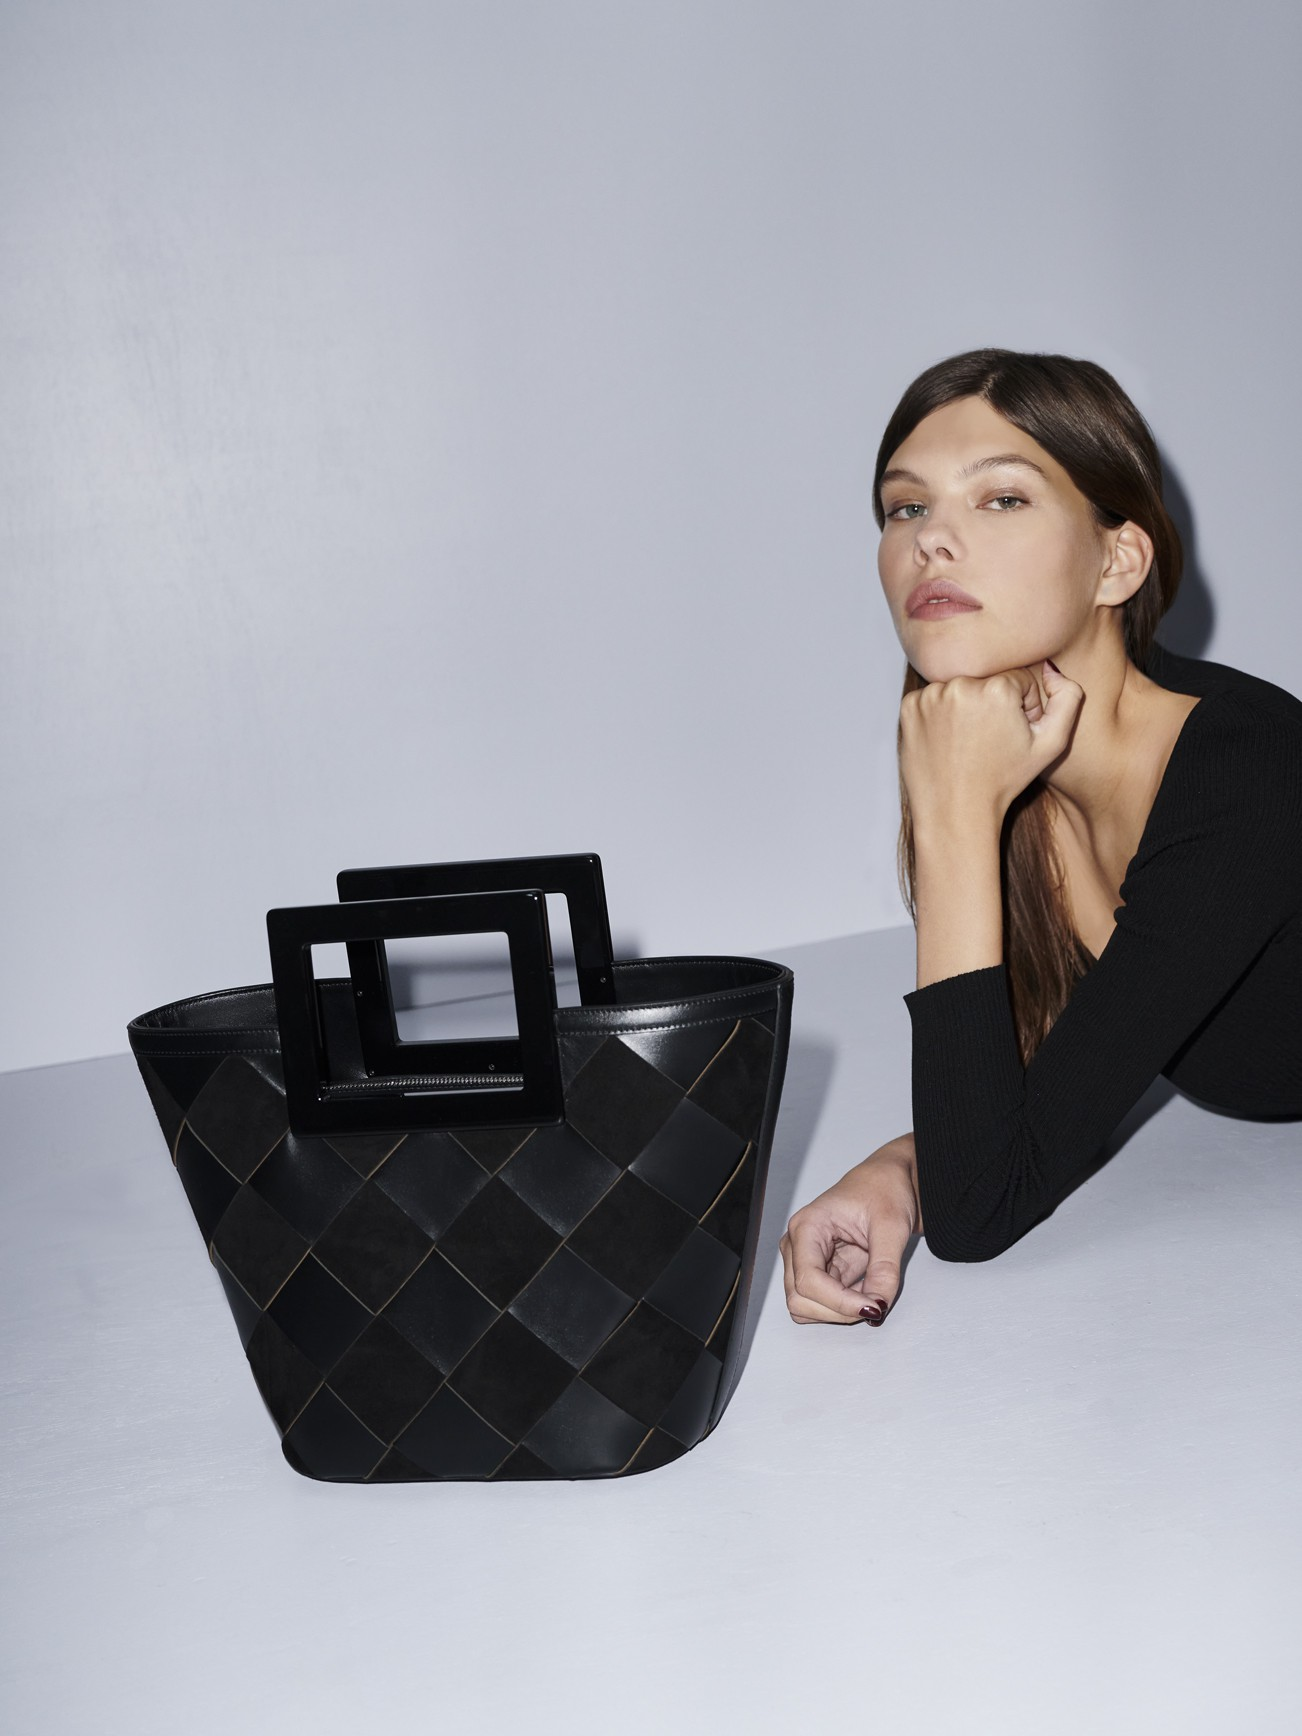 Mini Riviera in Black Woven Leather